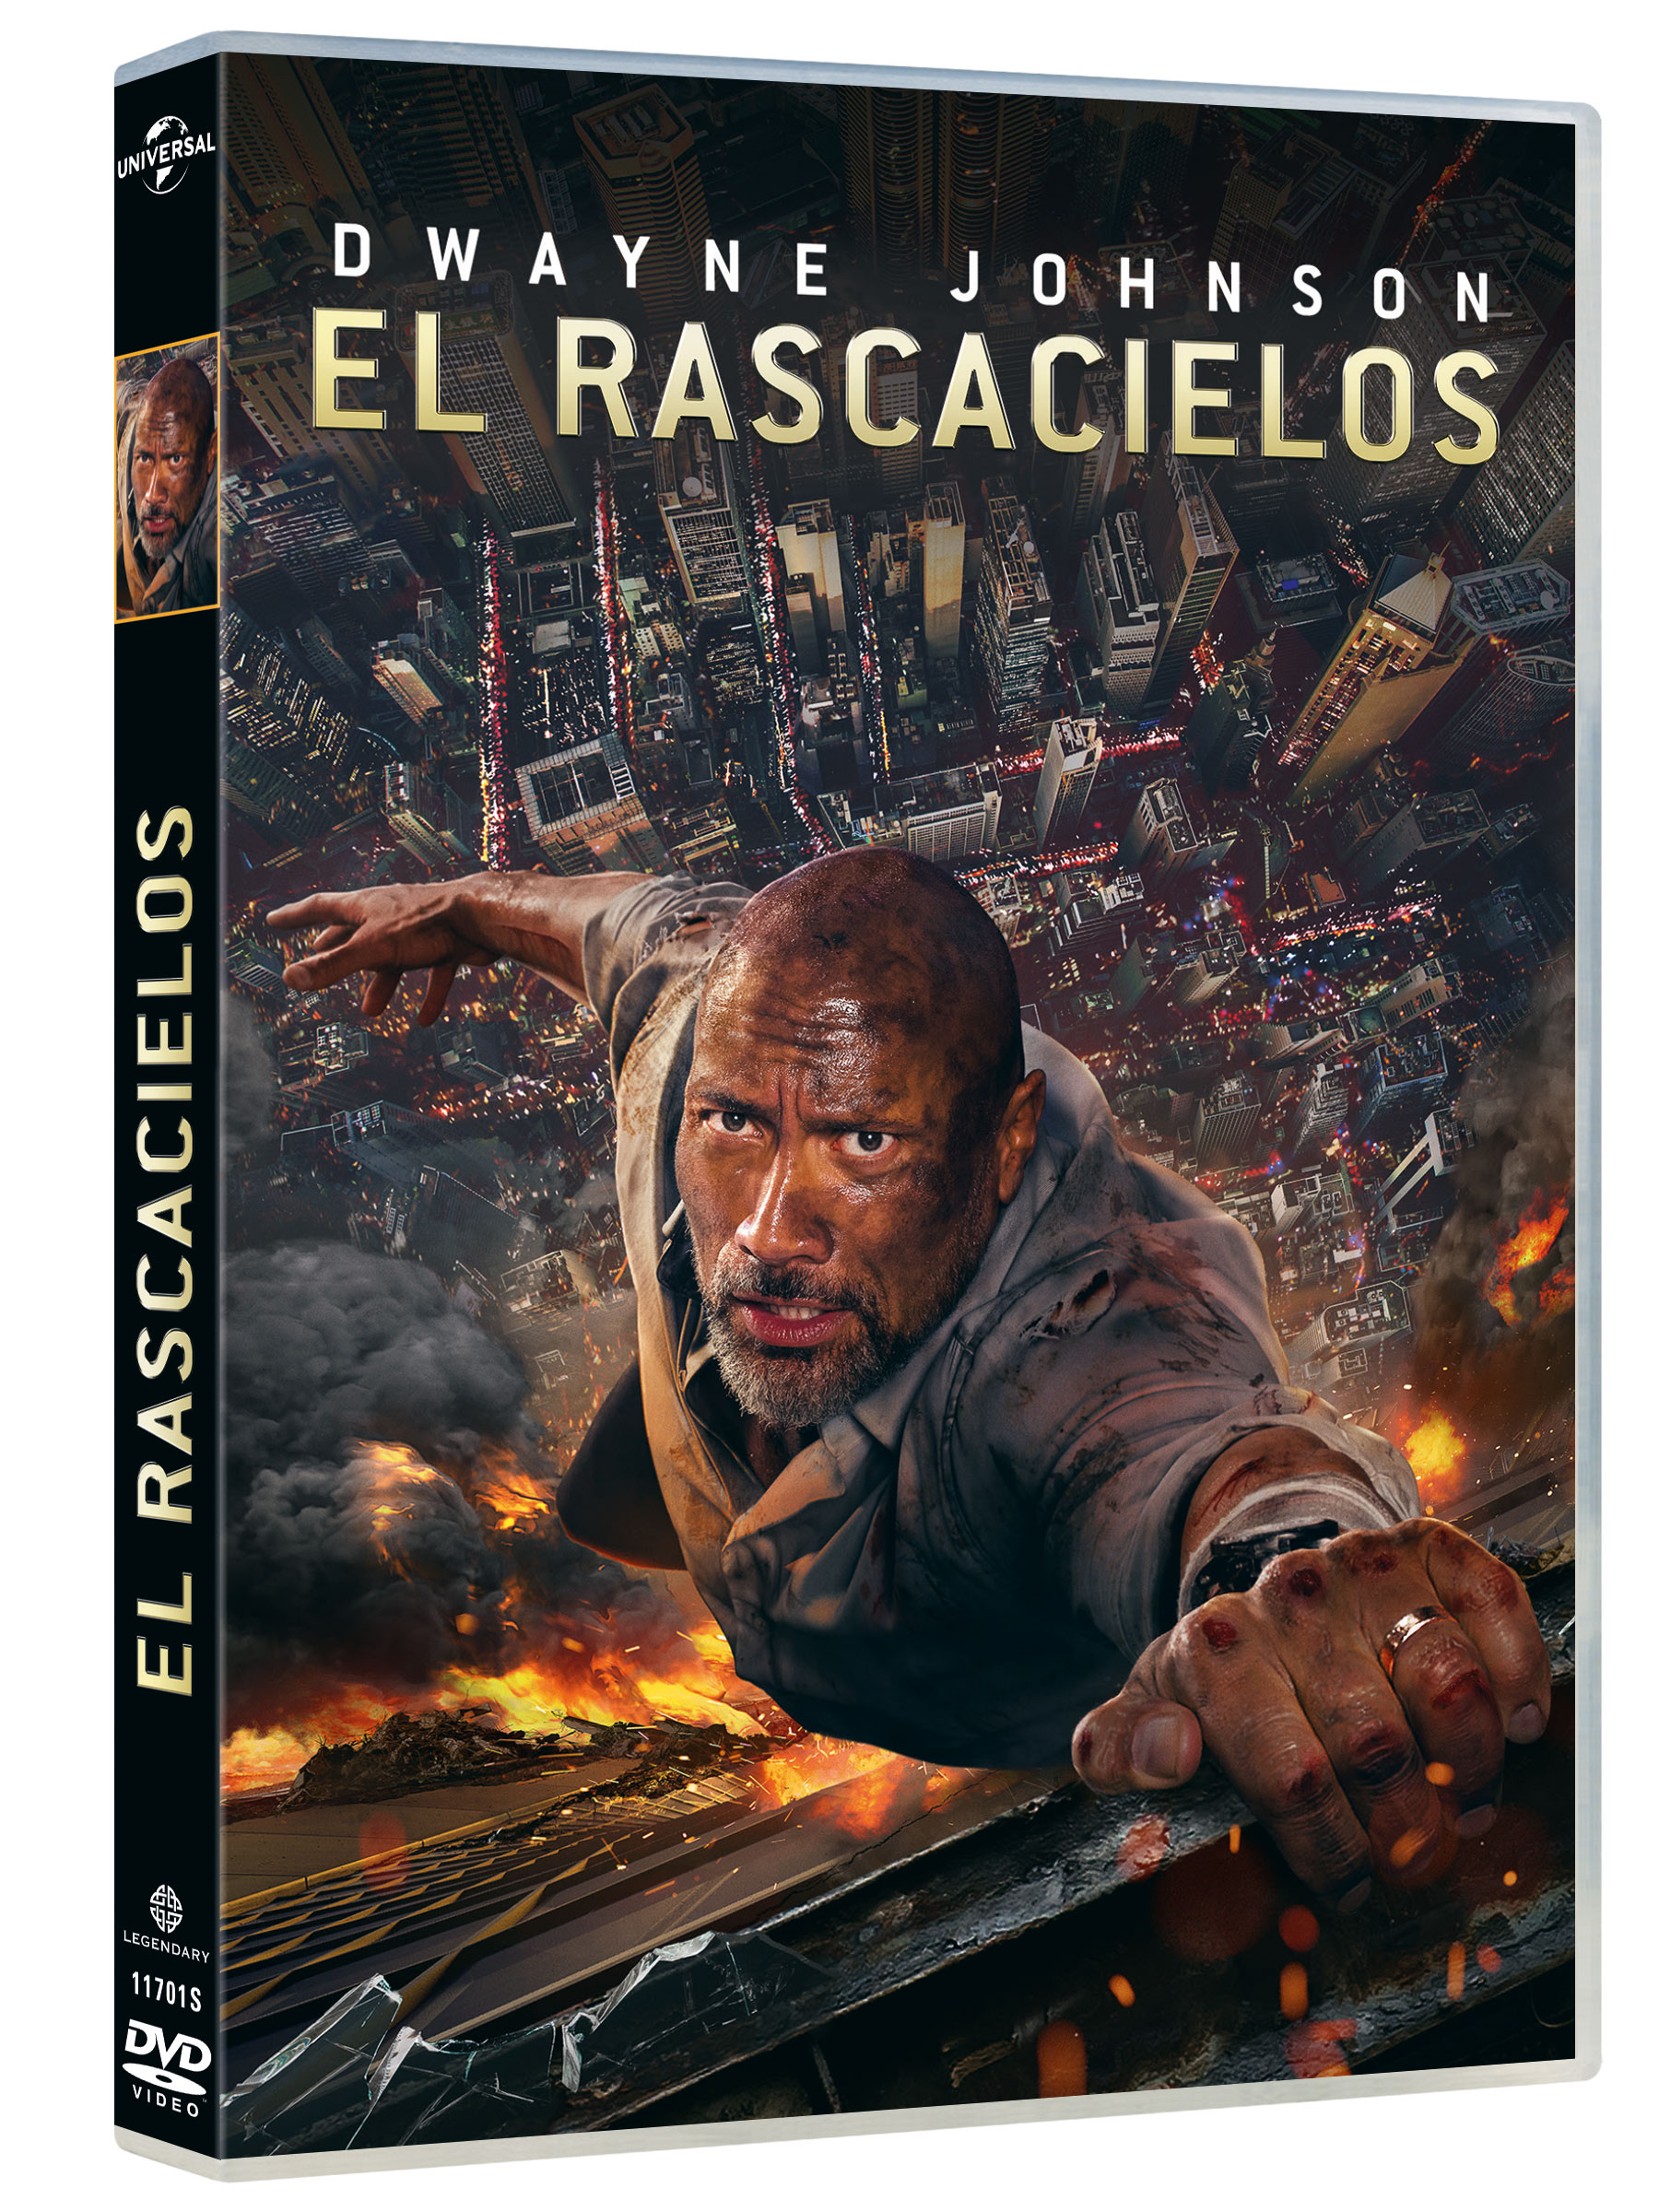 El Rascacielos - Dvd